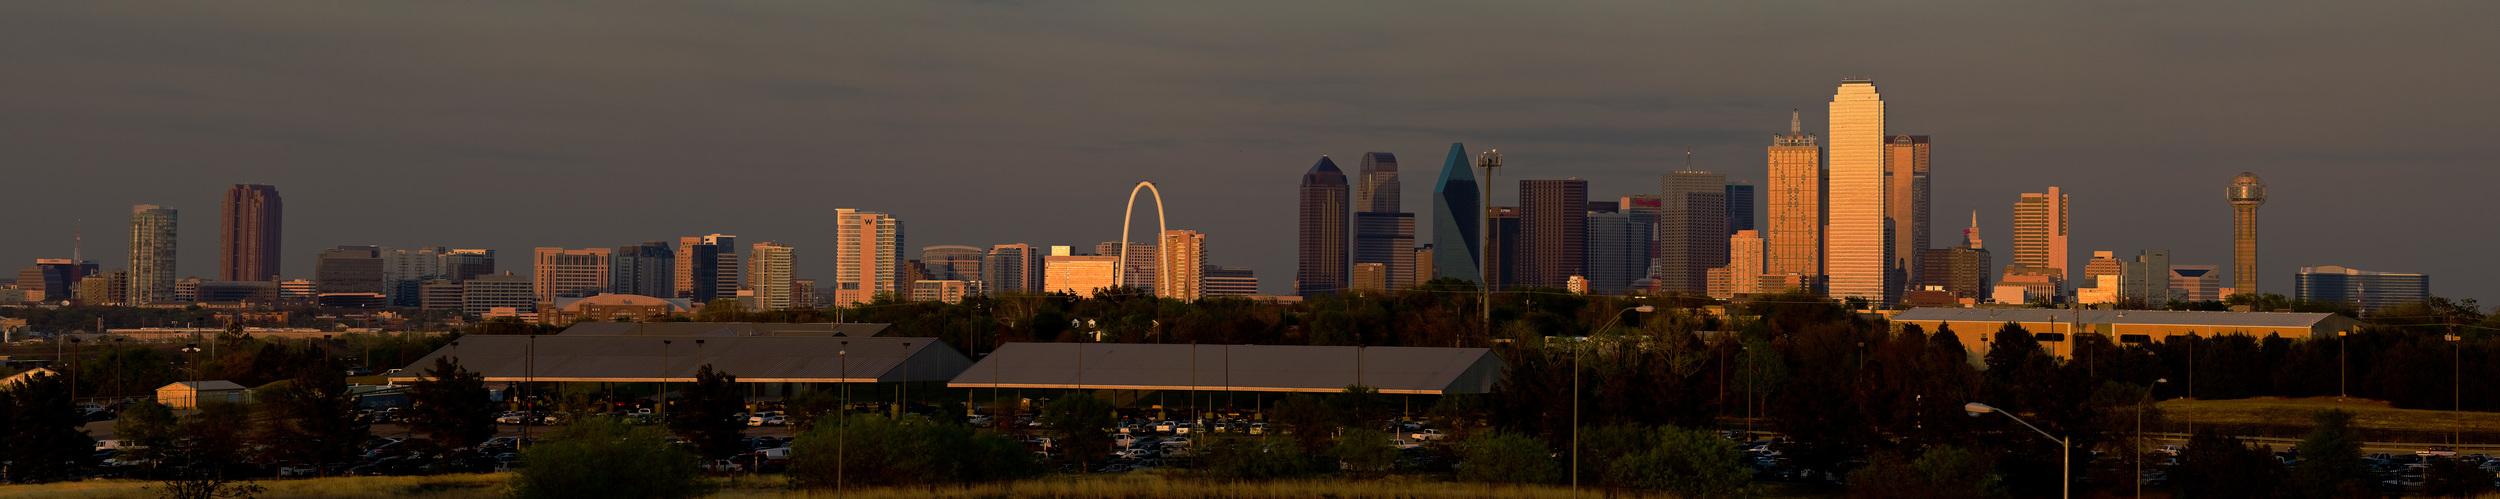 Dallas-Skyline-Hampton-30-Late-Afternoon-Pano-032411.jpg